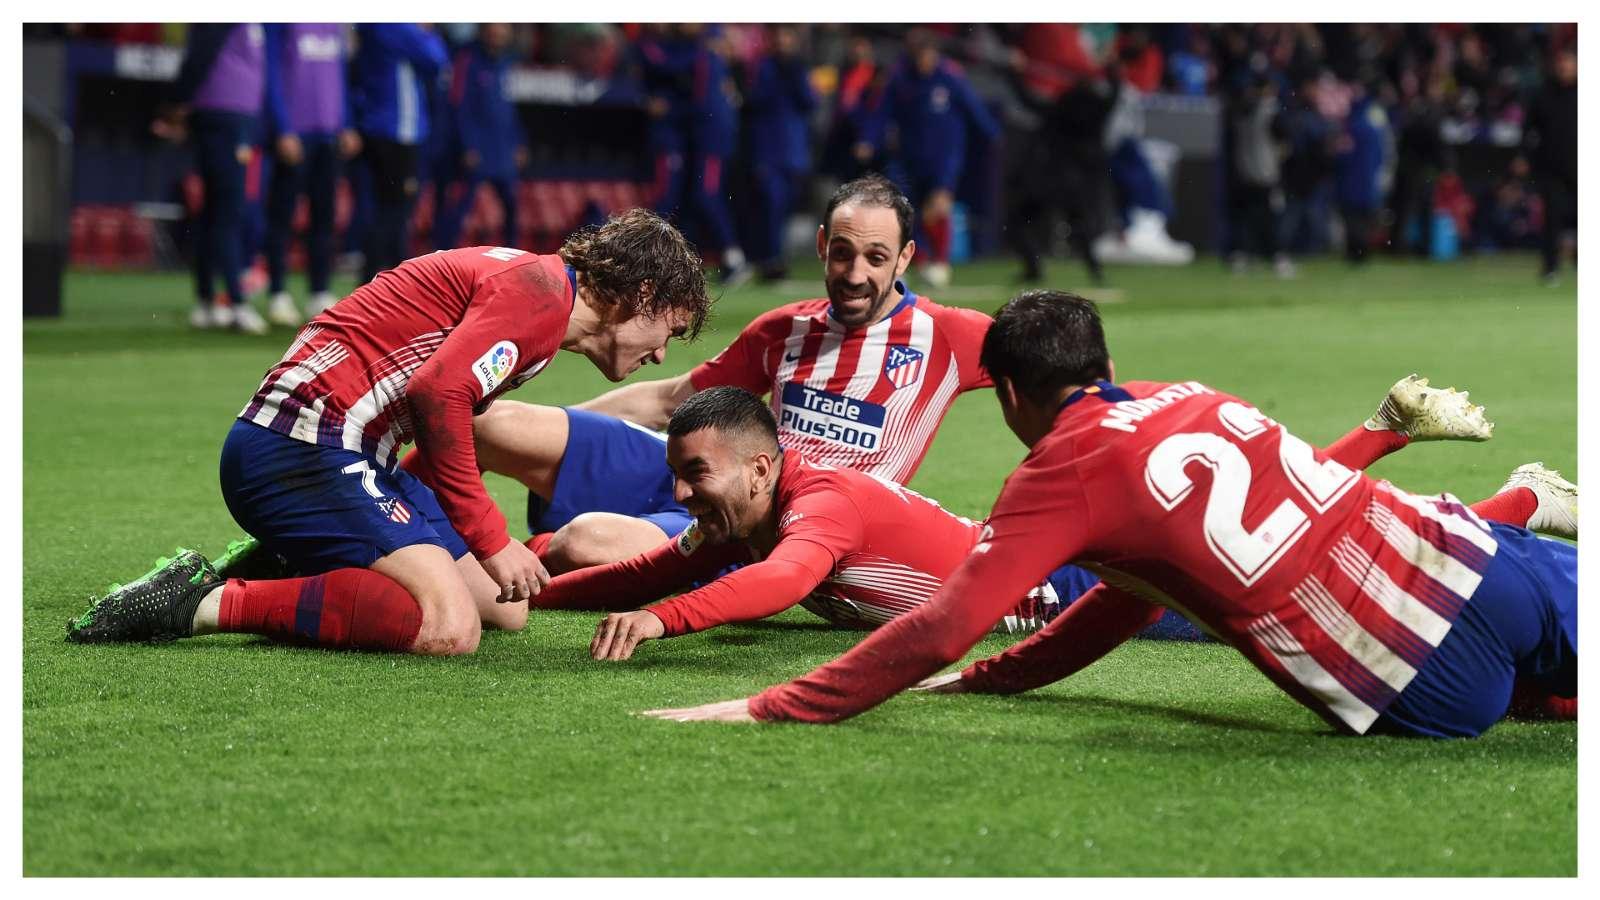 Atlético Madrid - Valladolid (1-0), les Colchoneros font le travail